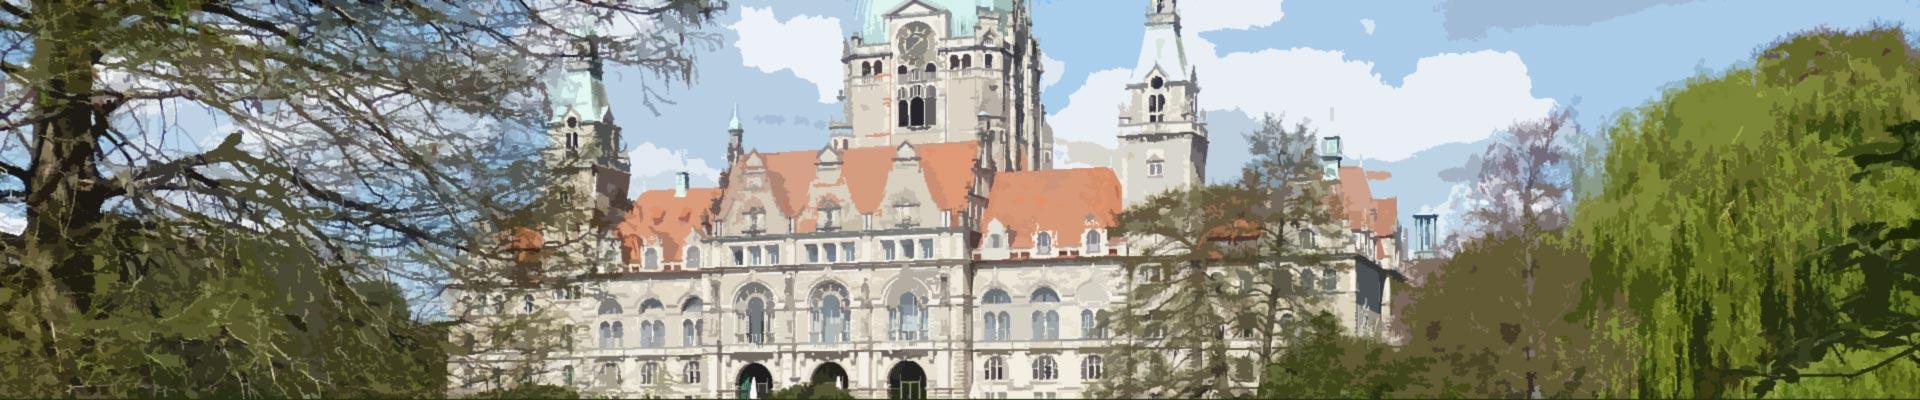 Praxis für Medizinische Begutachtung in Hannover